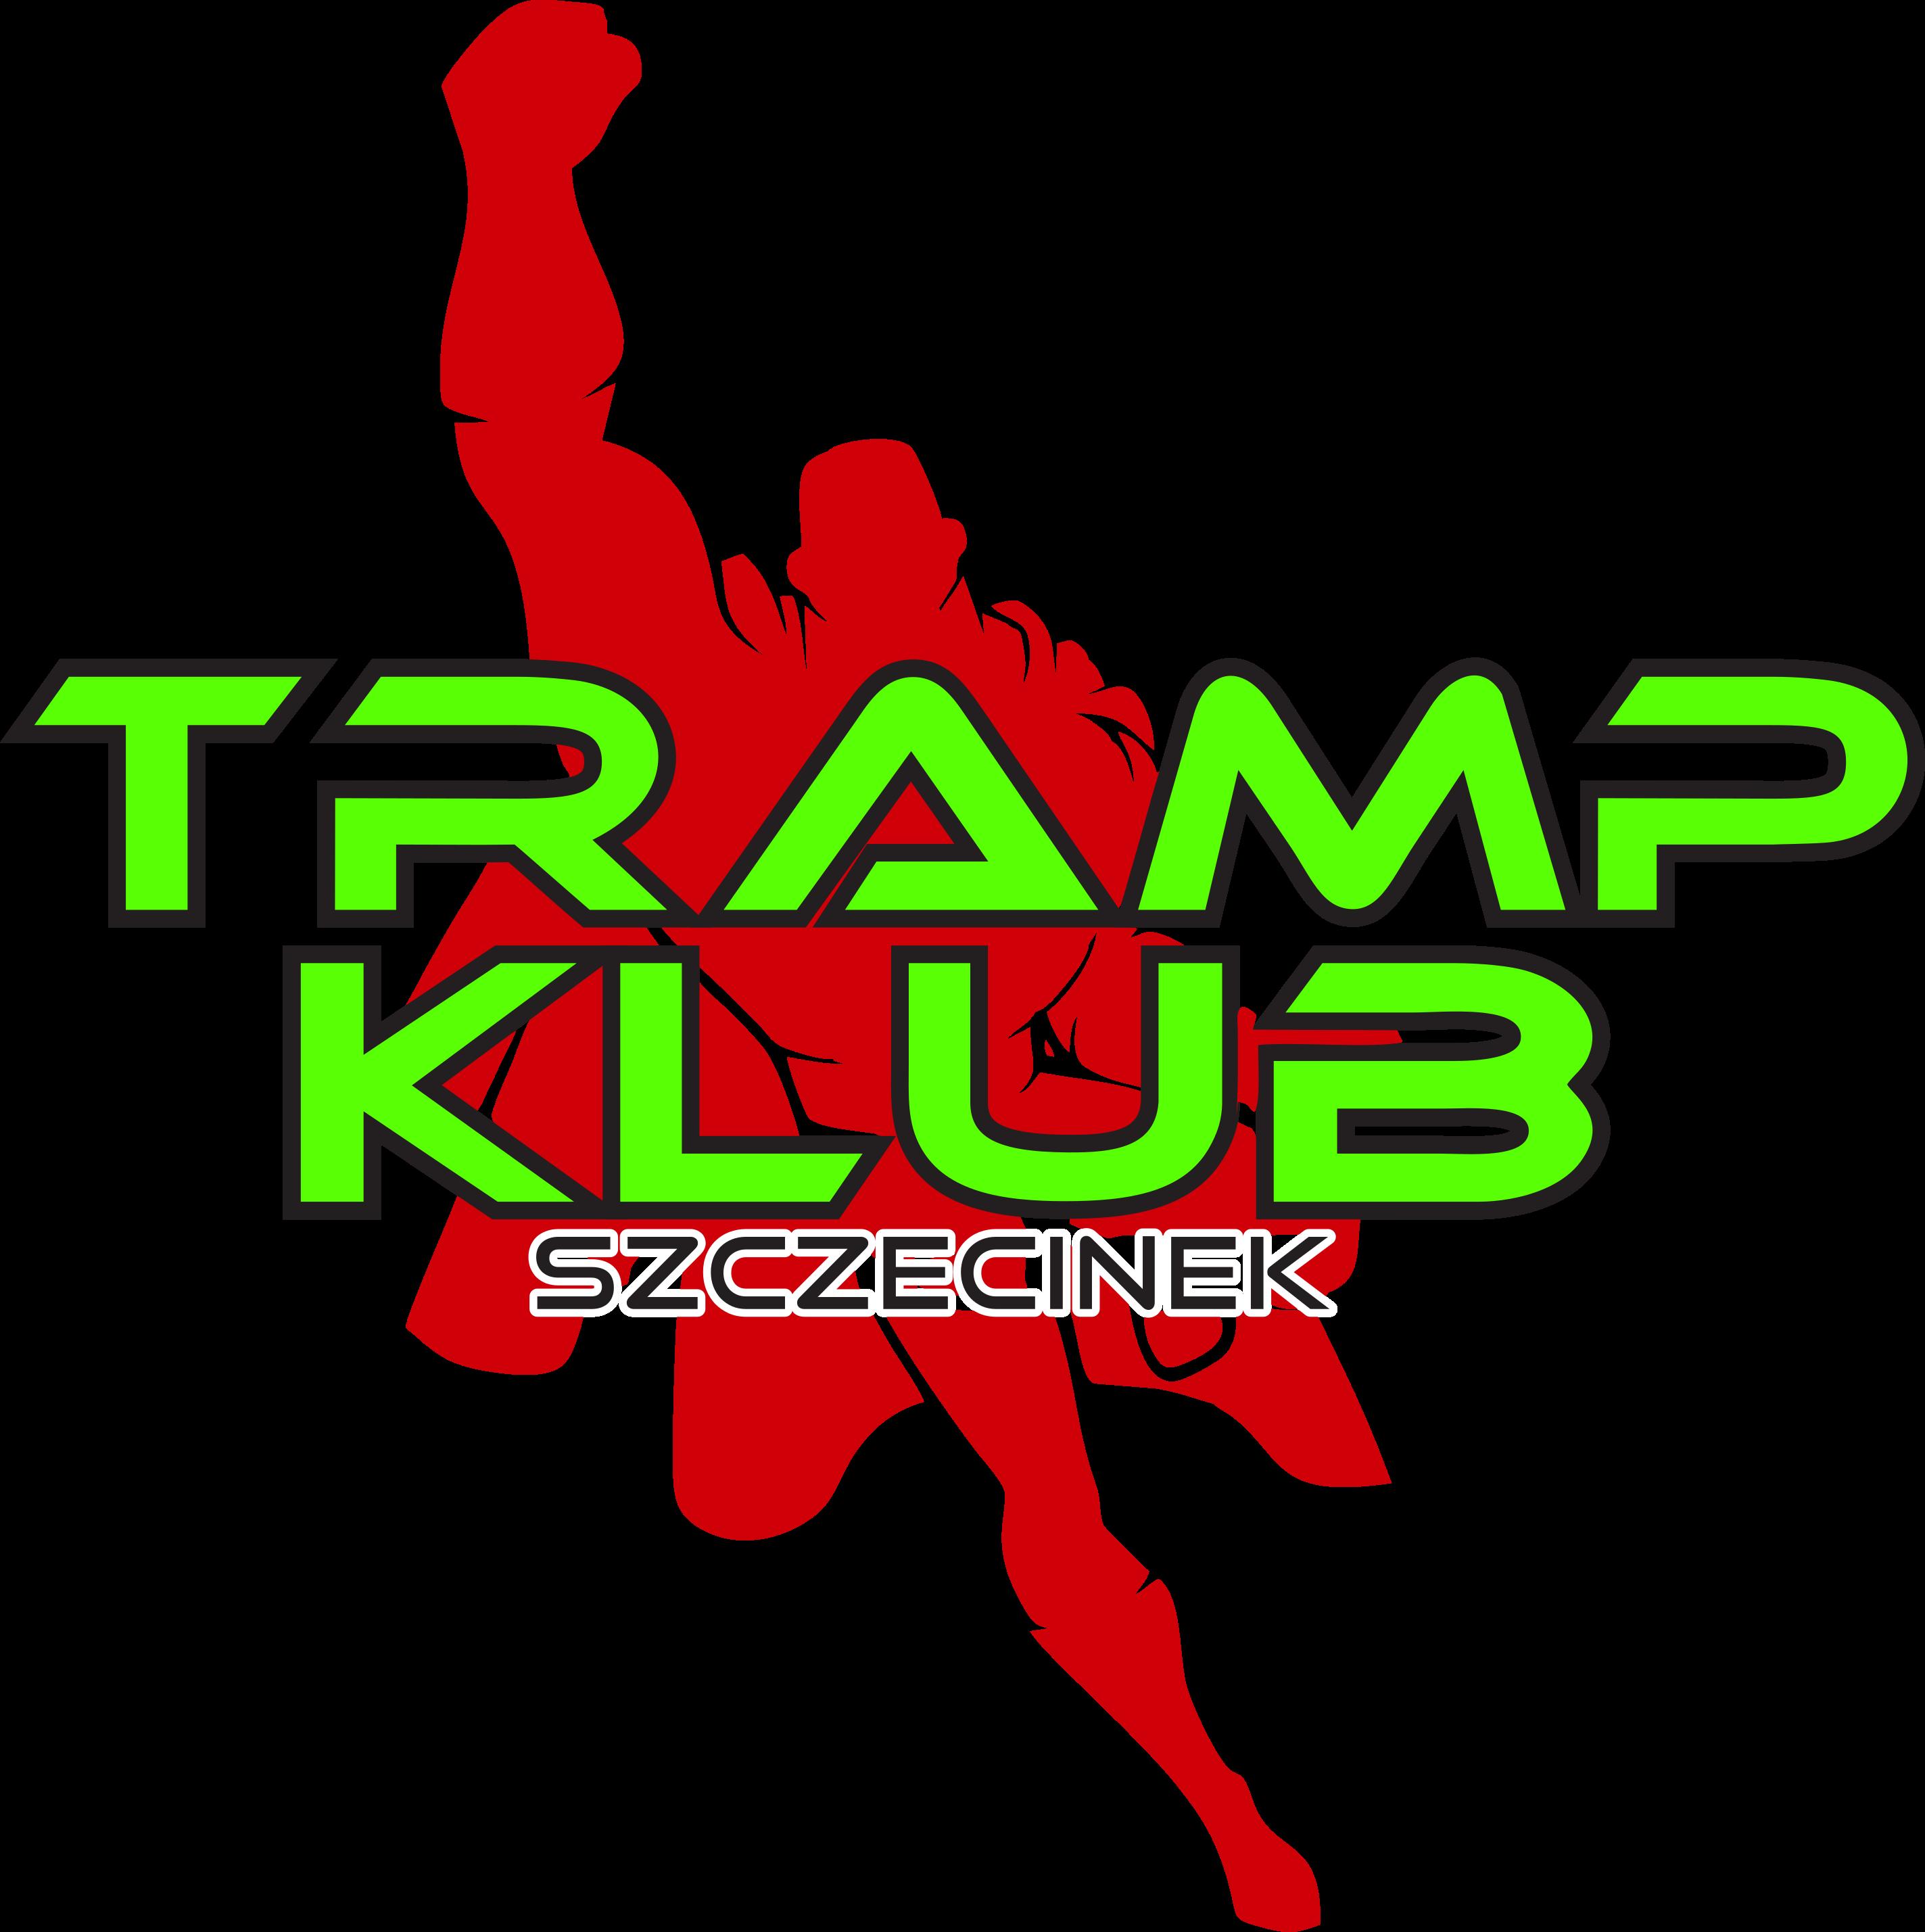 Tramp Klub Szczecinek Strona Glowna Park Trampolin W Szczecinku